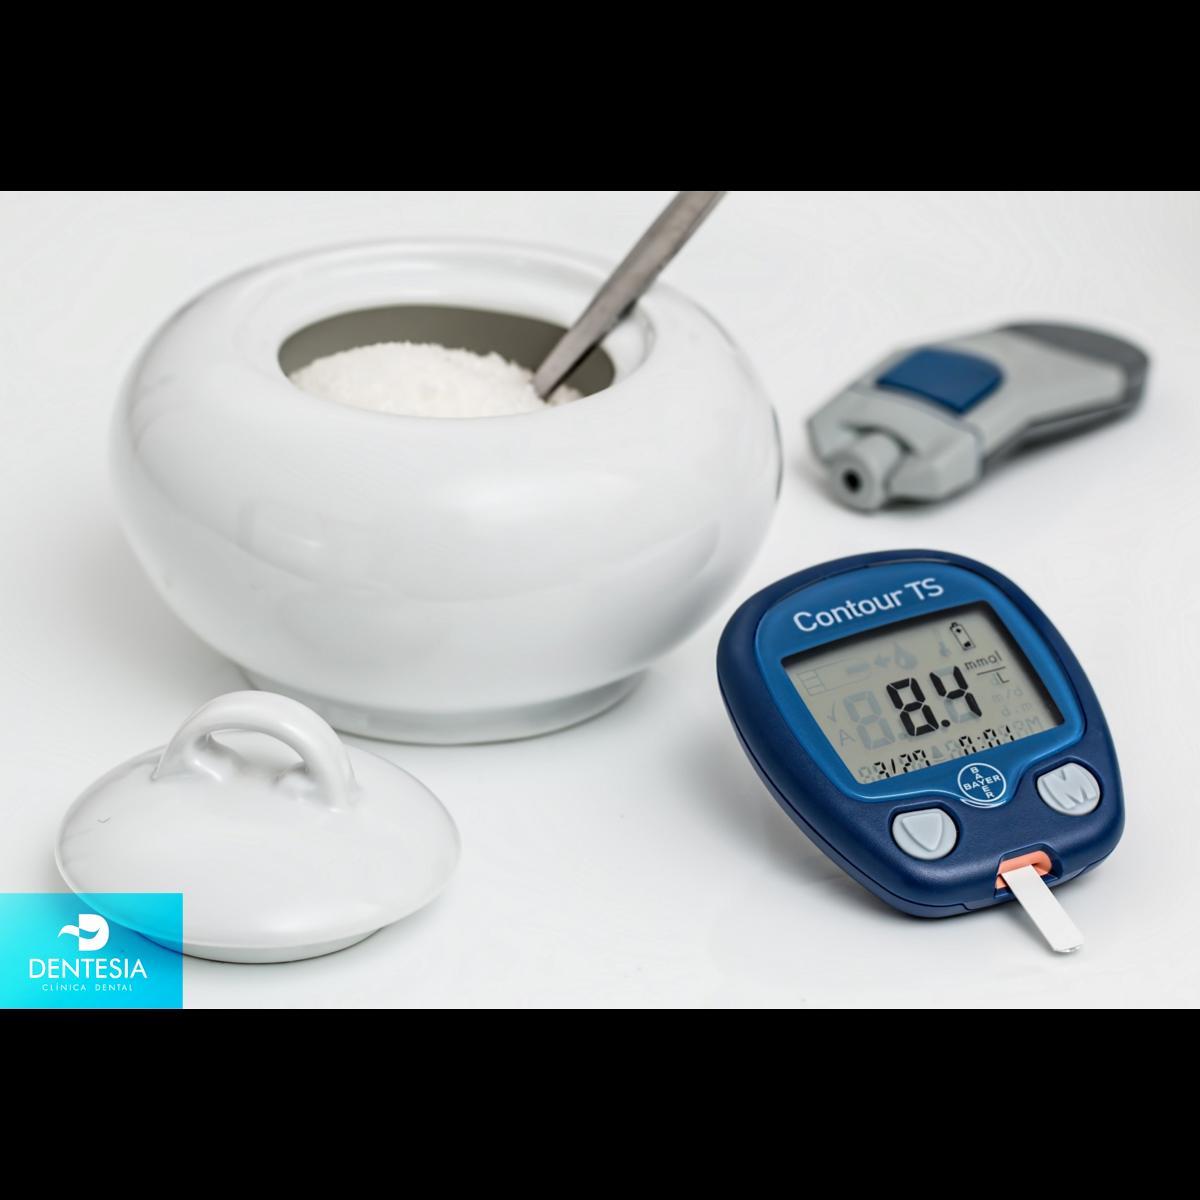 La diabetes y mi salud oral